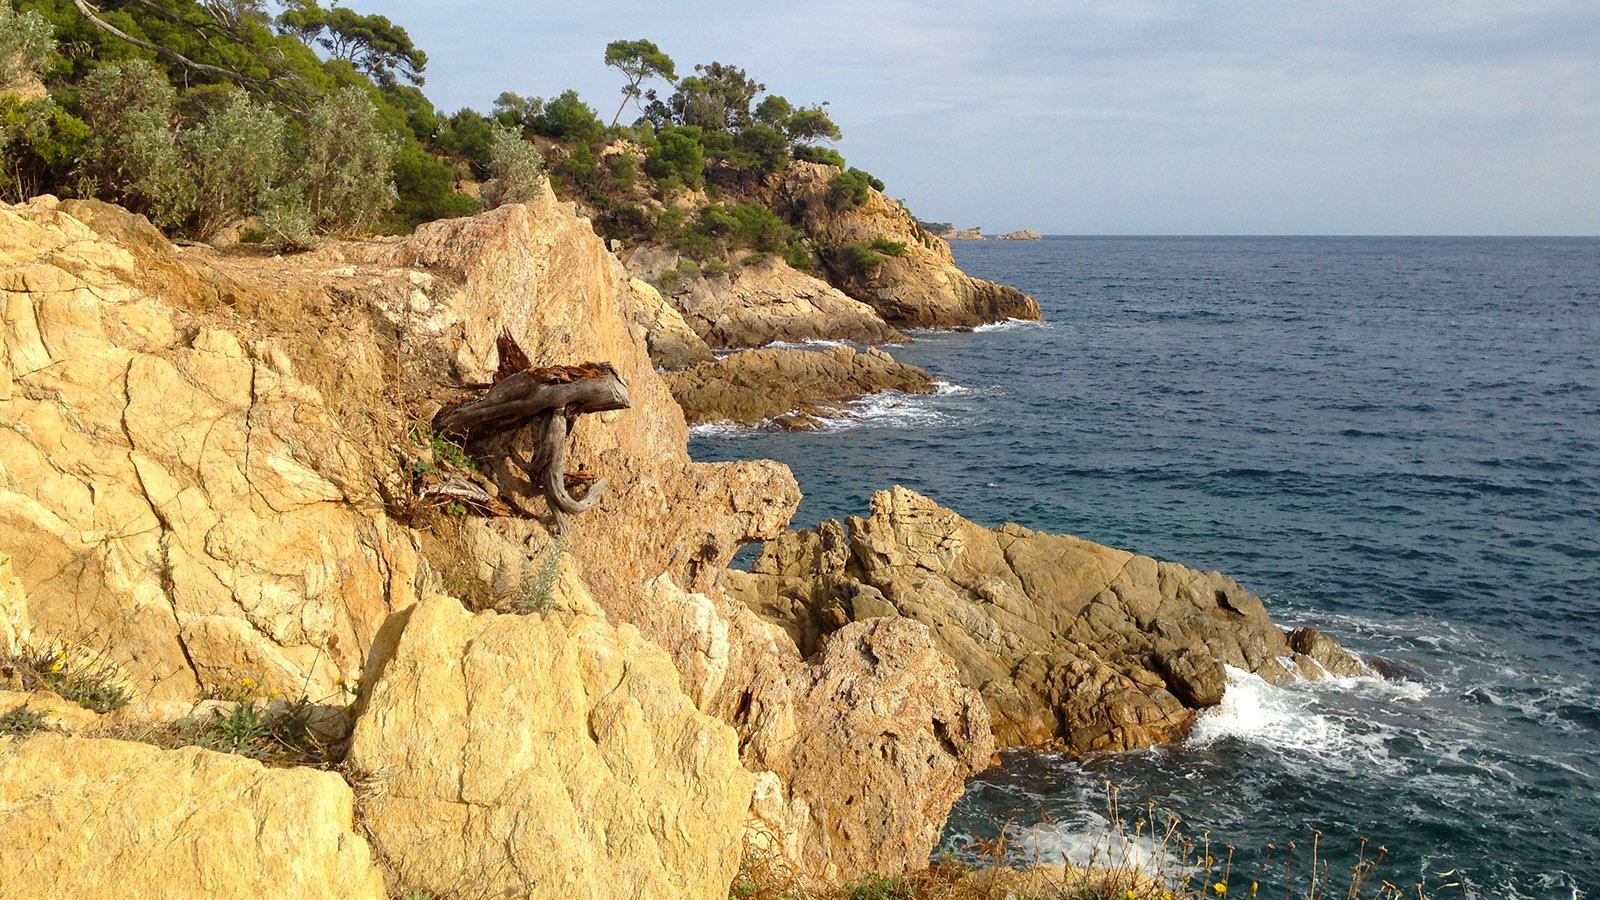 Saint-Tropez: Strand und Fels wechseln sich ab auf dem Sentier Littoral. Foto: Hilke Maunder